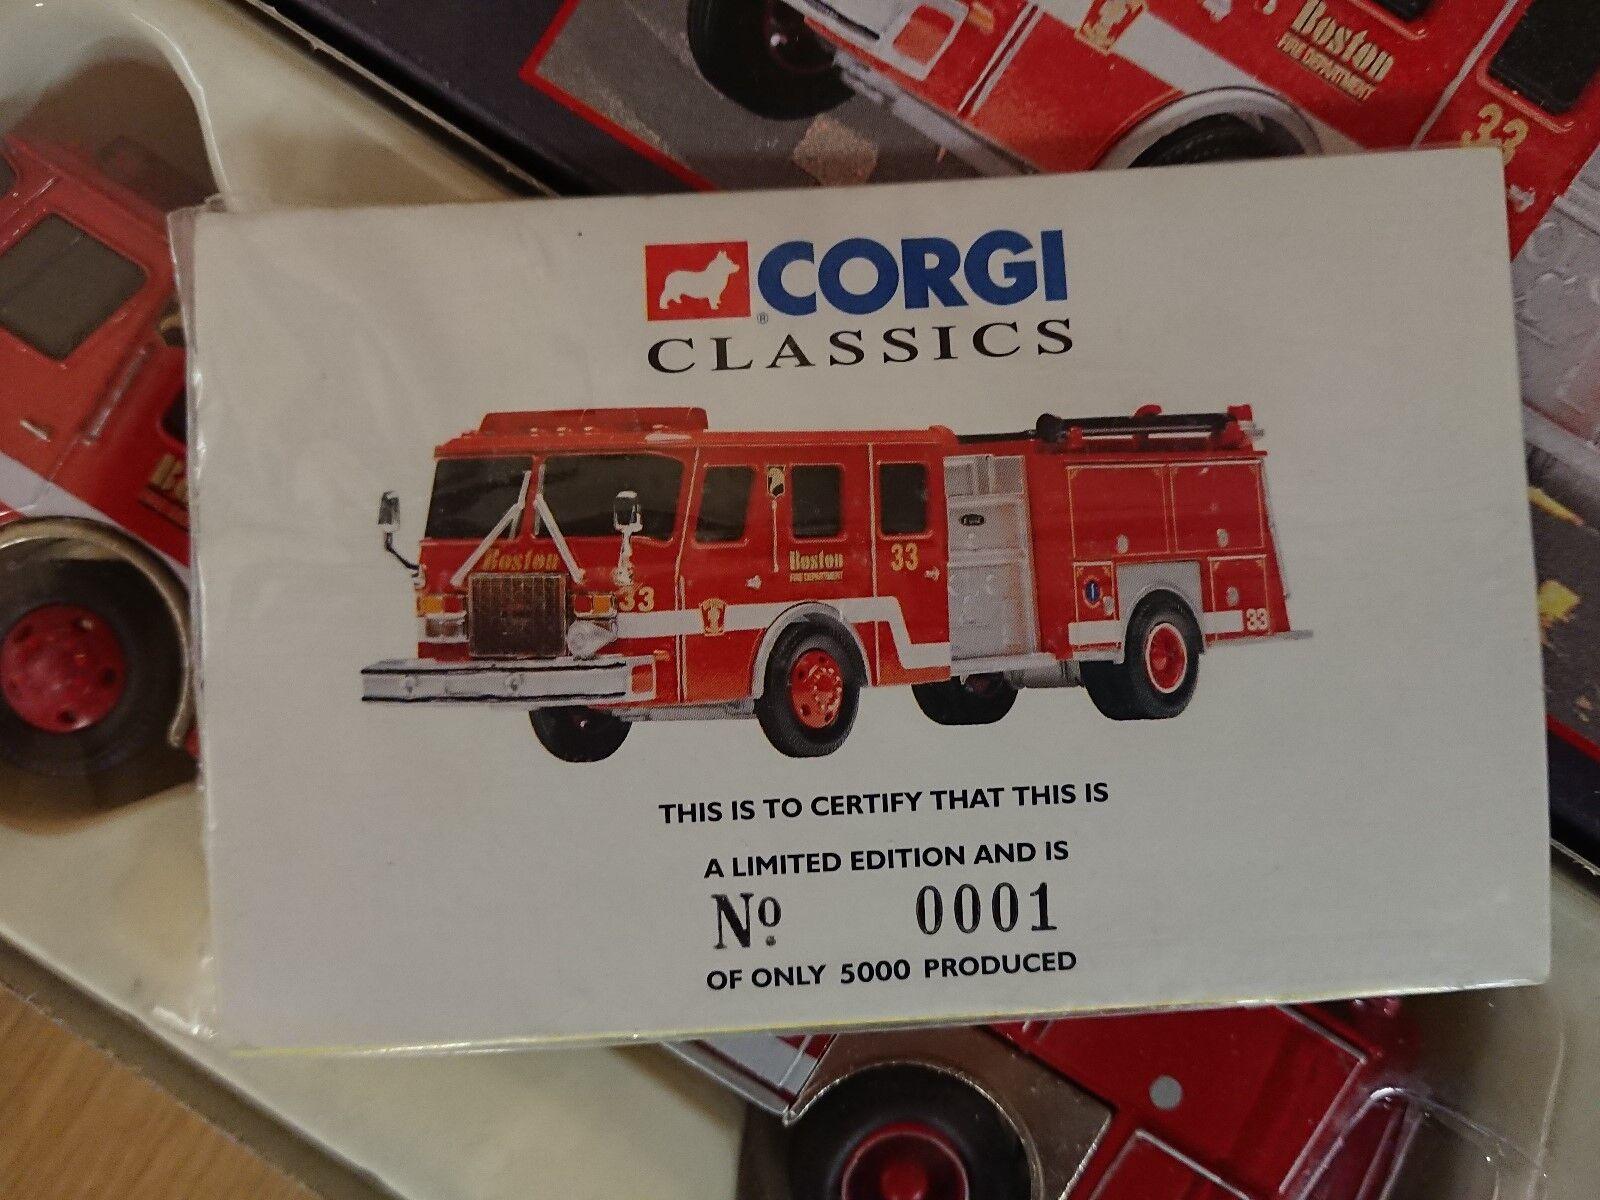 CORGI CLASSICS 54701 E-UN LATO MONTAGGIO POMPISTA POMPISTA MONTAGGIO Boston Ltd Edition N. 0001 del 5000 19a736